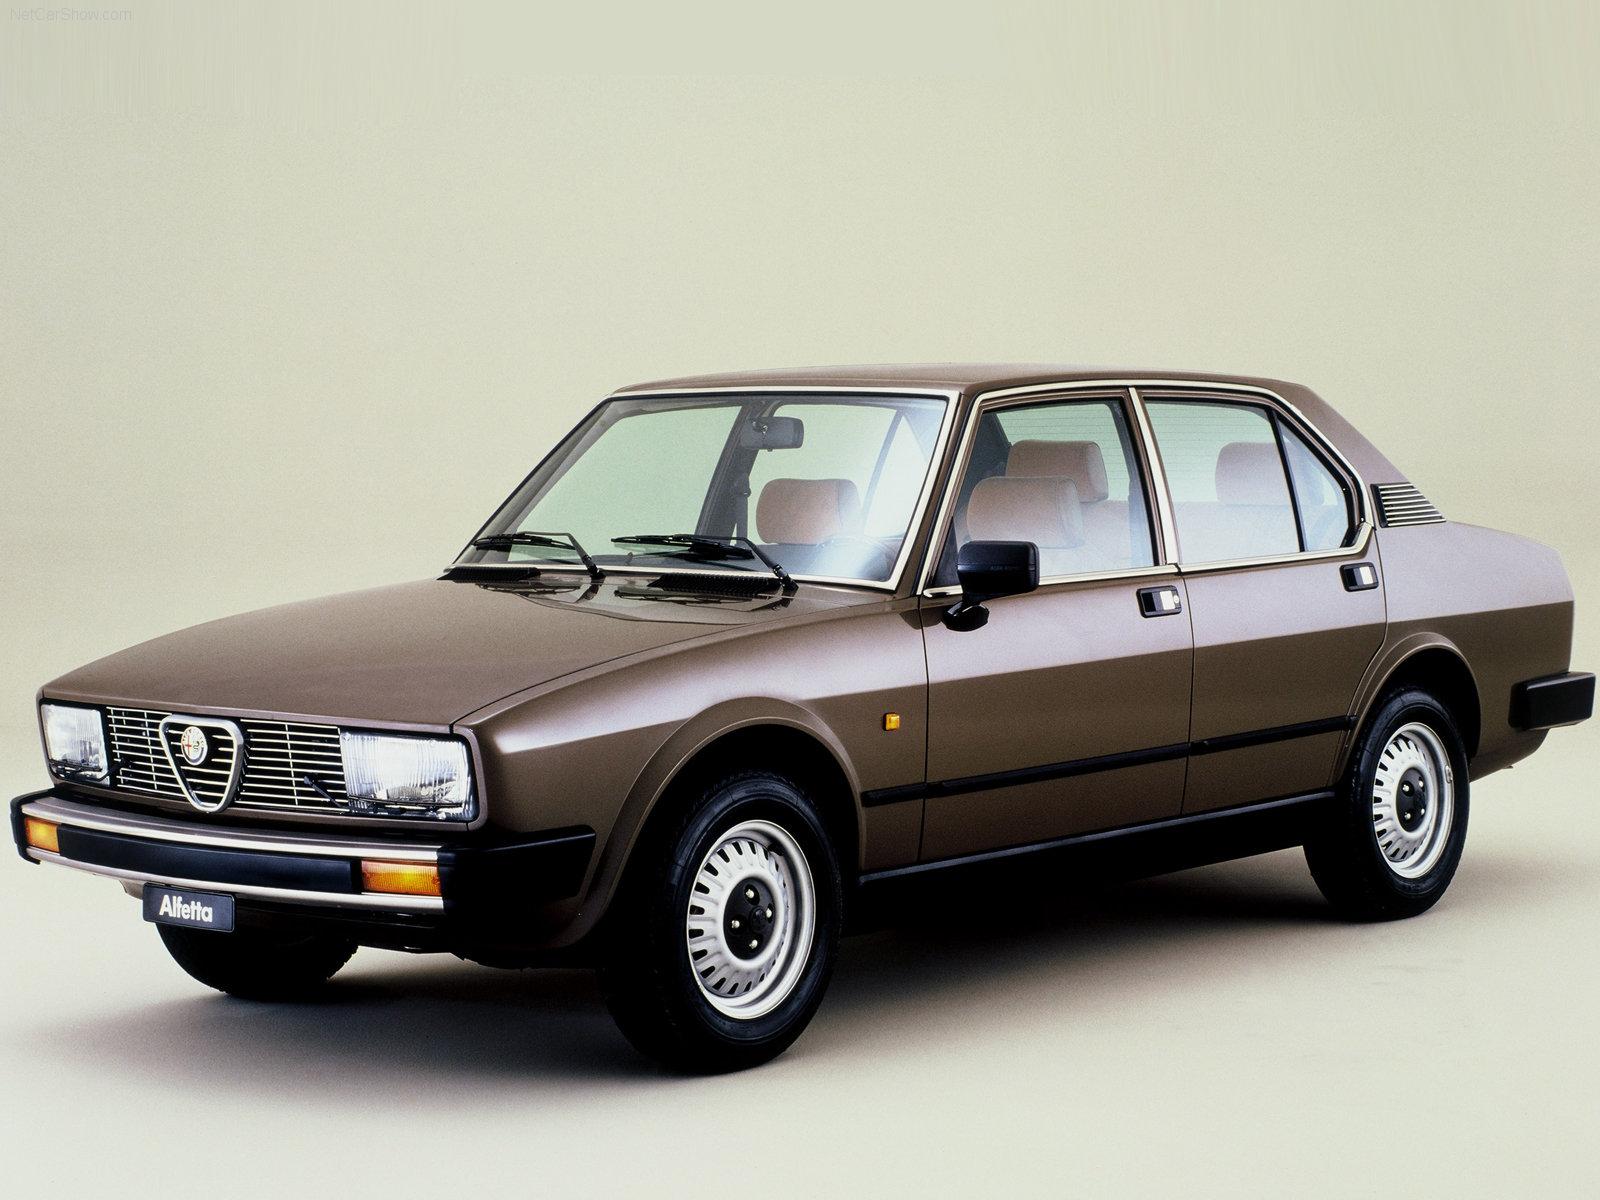 Nødvendige forudsætninger for at kunne eje en klassisk bil